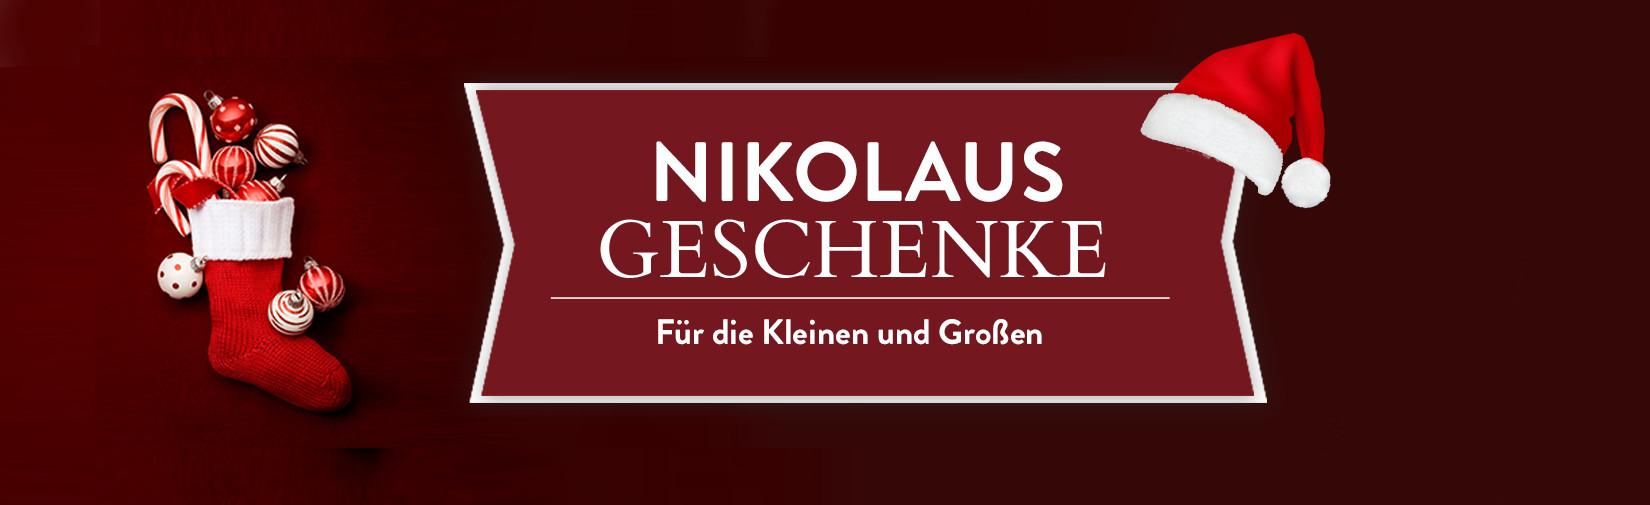 NikolausNEU